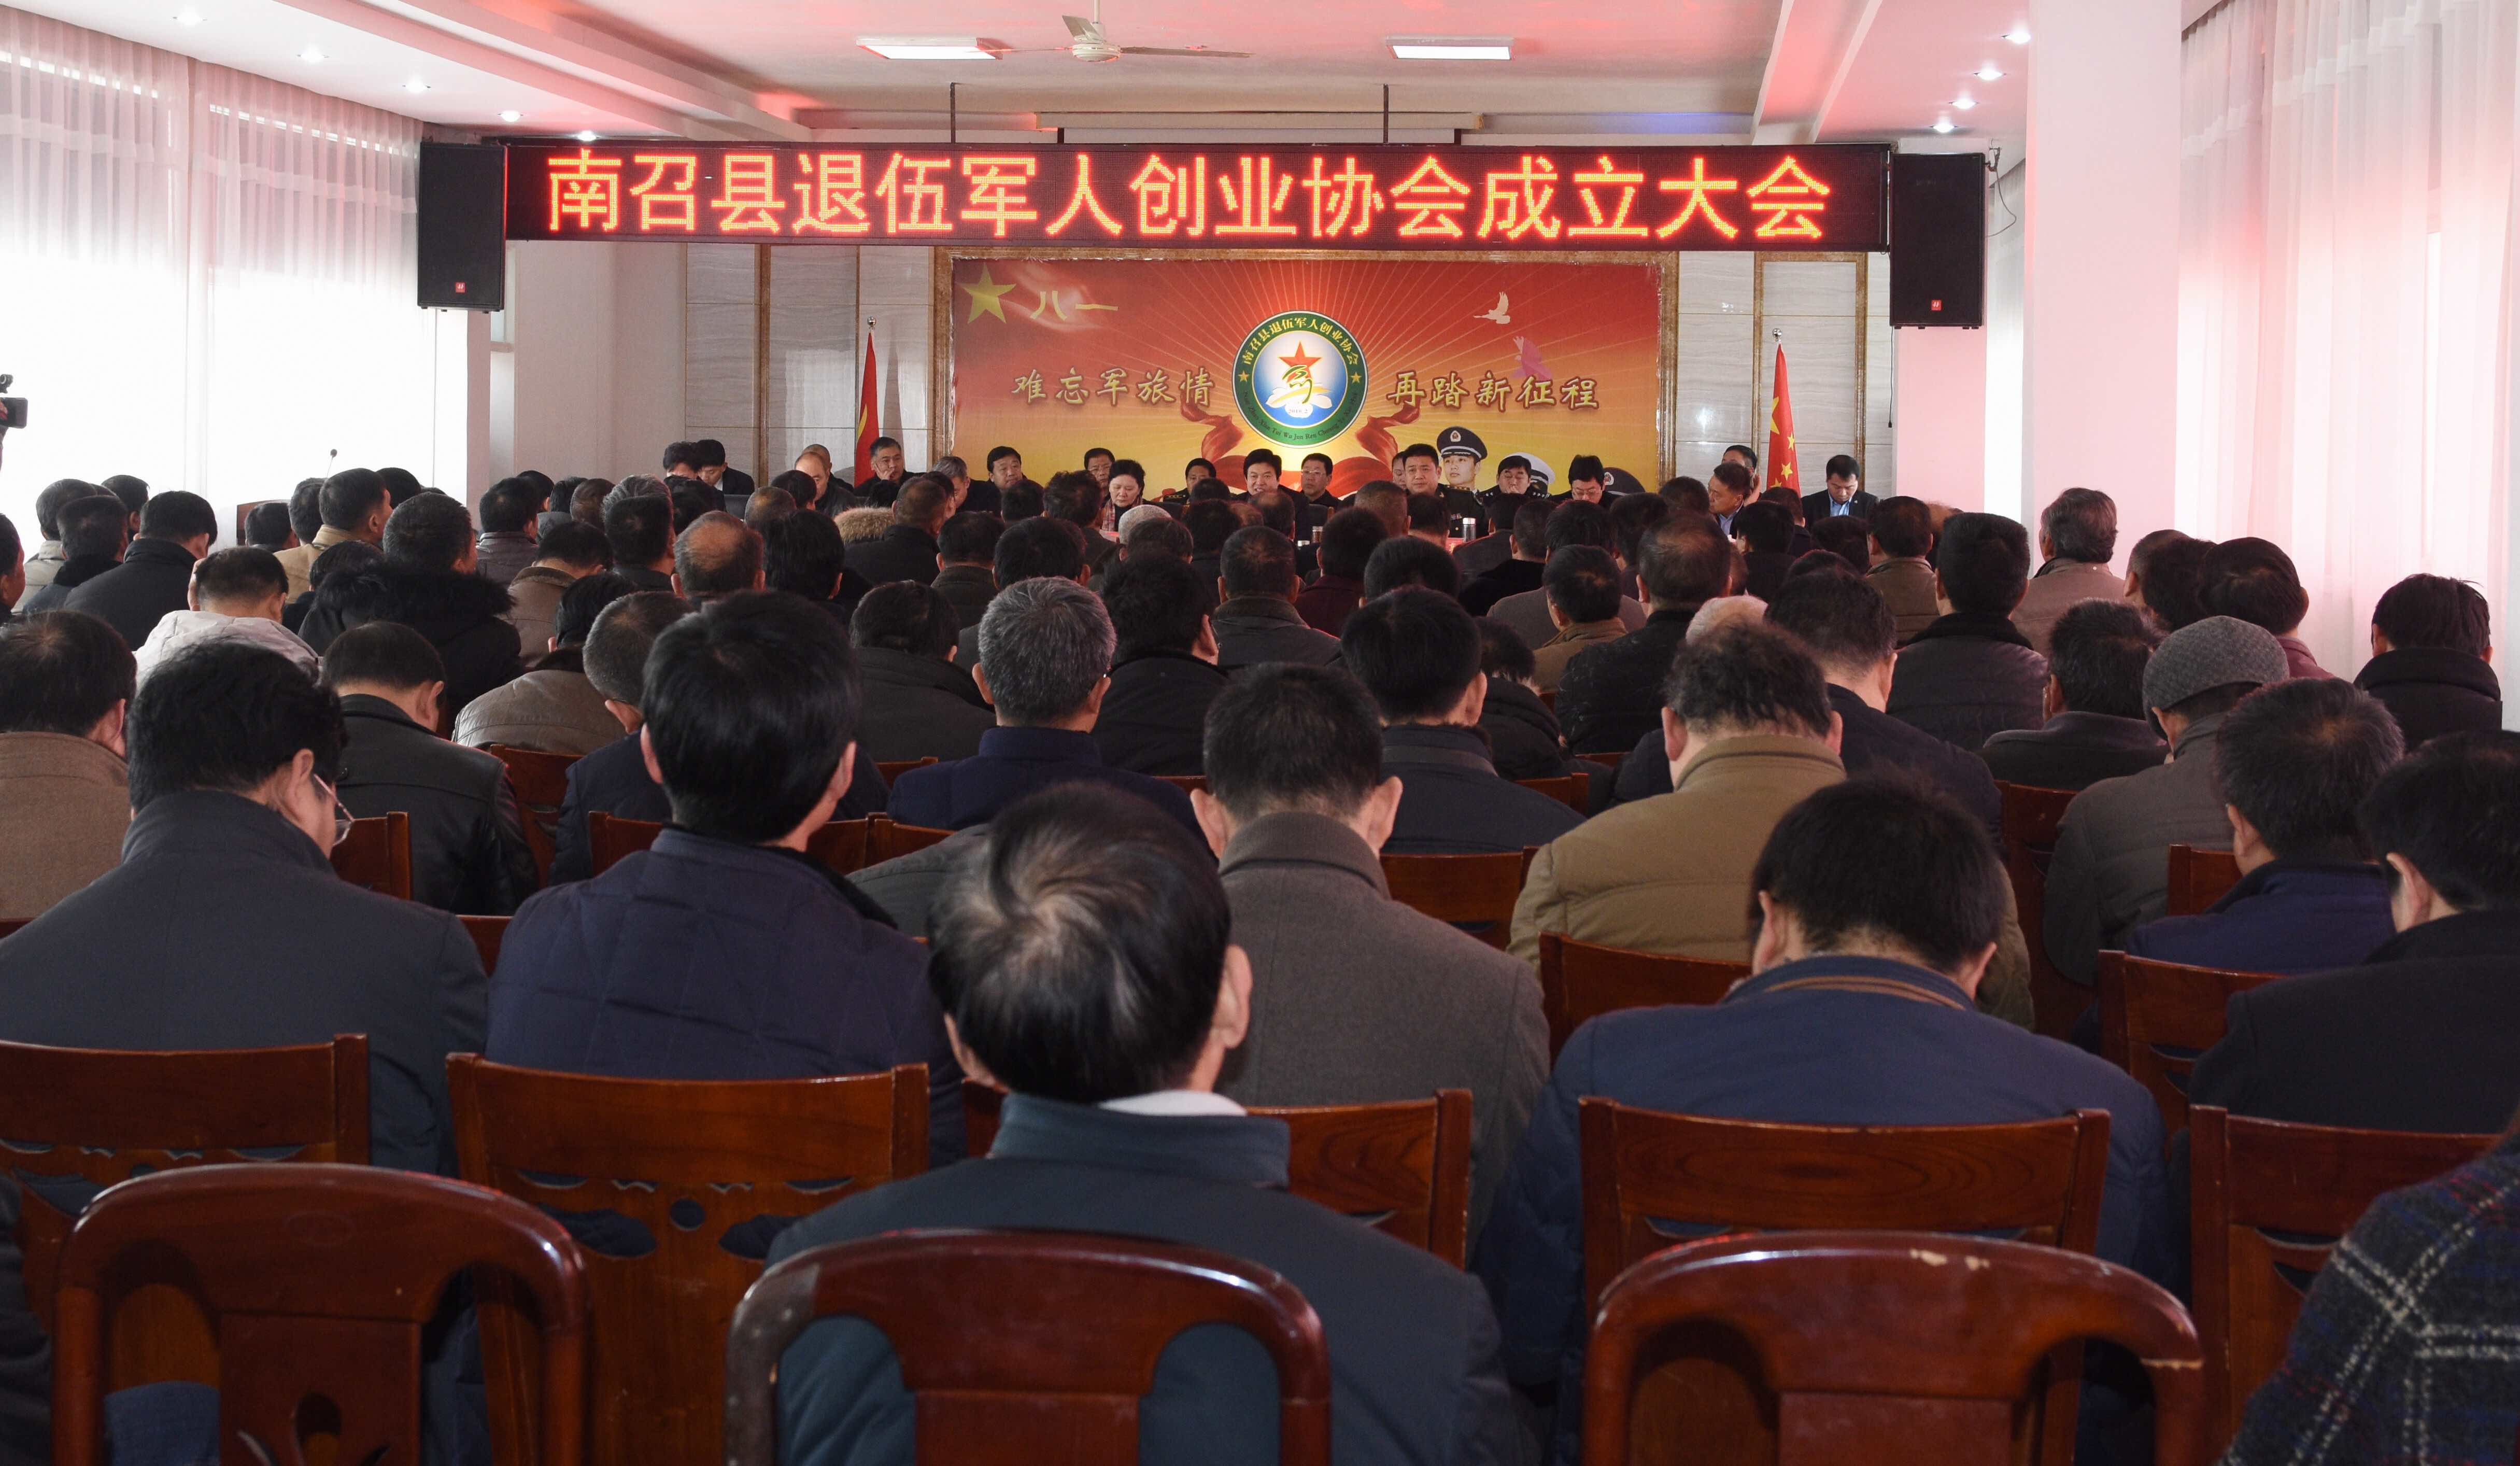 南召县退伍军人创业协会成立大会会议现场。